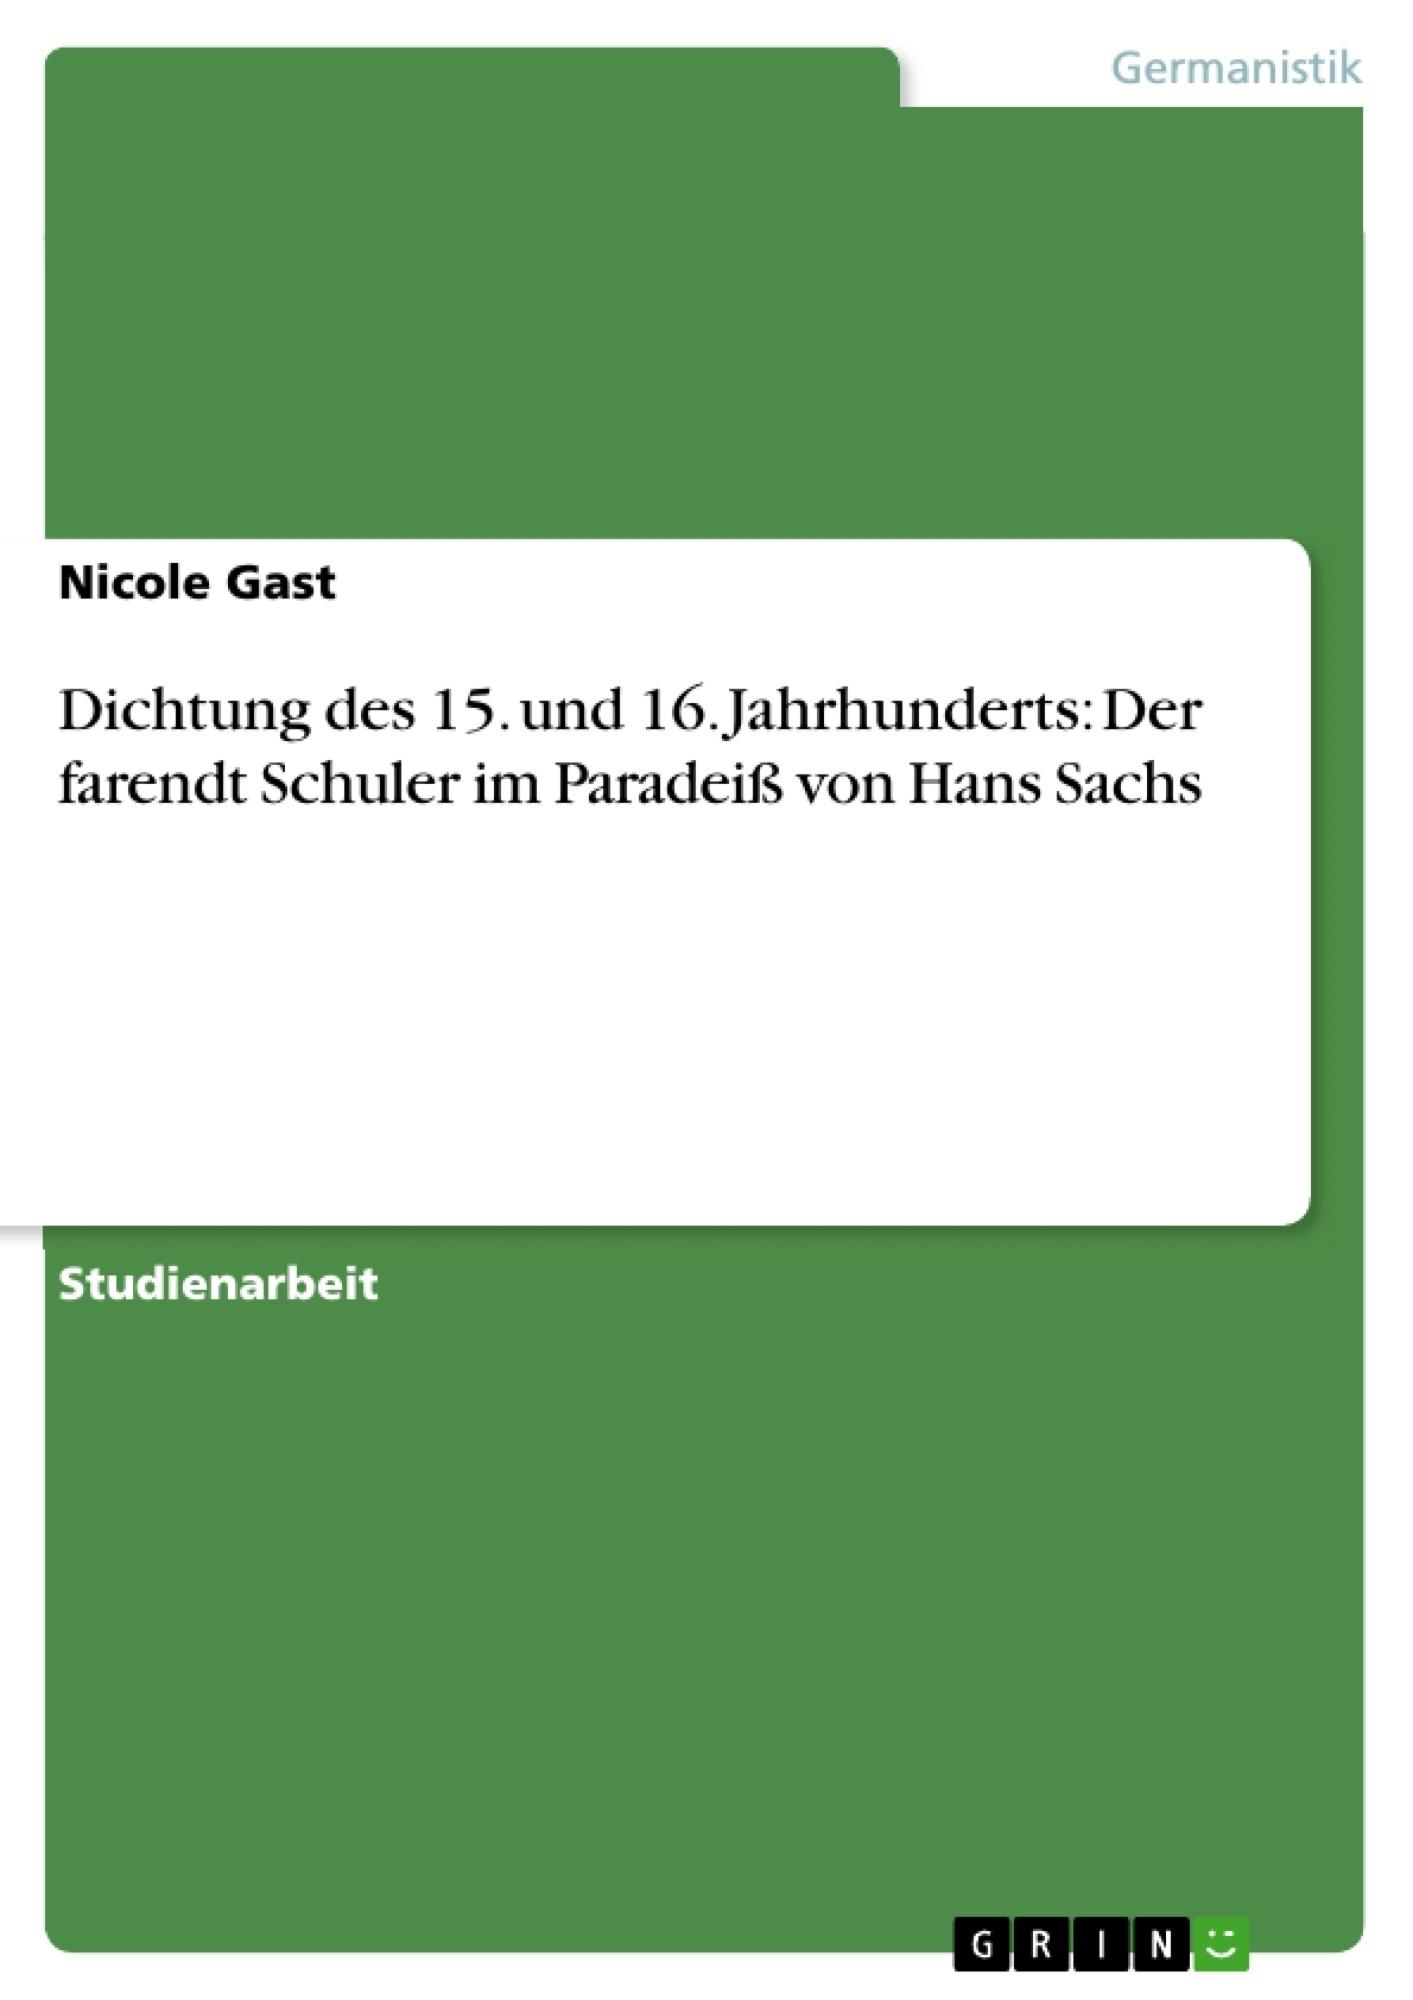 Titel: Dichtung des 15. und 16. Jahrhunderts: Der farendt Schuler im Paradeiß von Hans Sachs